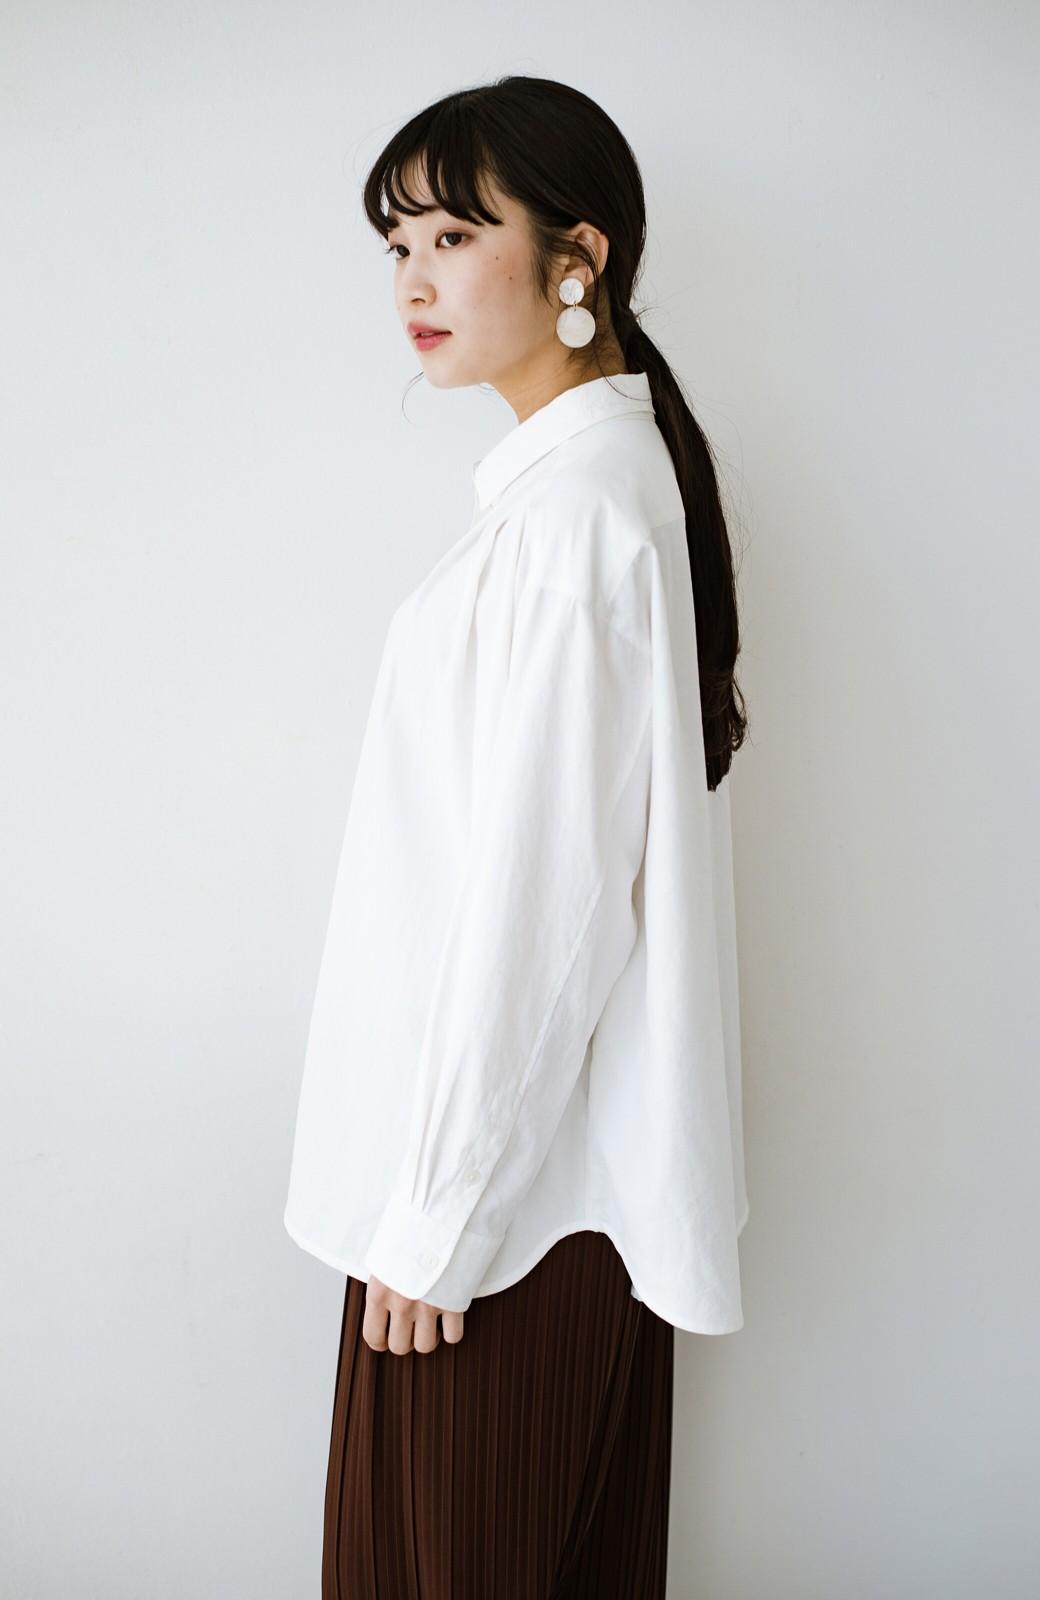 haco! ニットとのこなれた重ね着が簡単にできる!なめらか素材でつくった大人のためのシンプルシャツ <ホワイト>の商品写真20